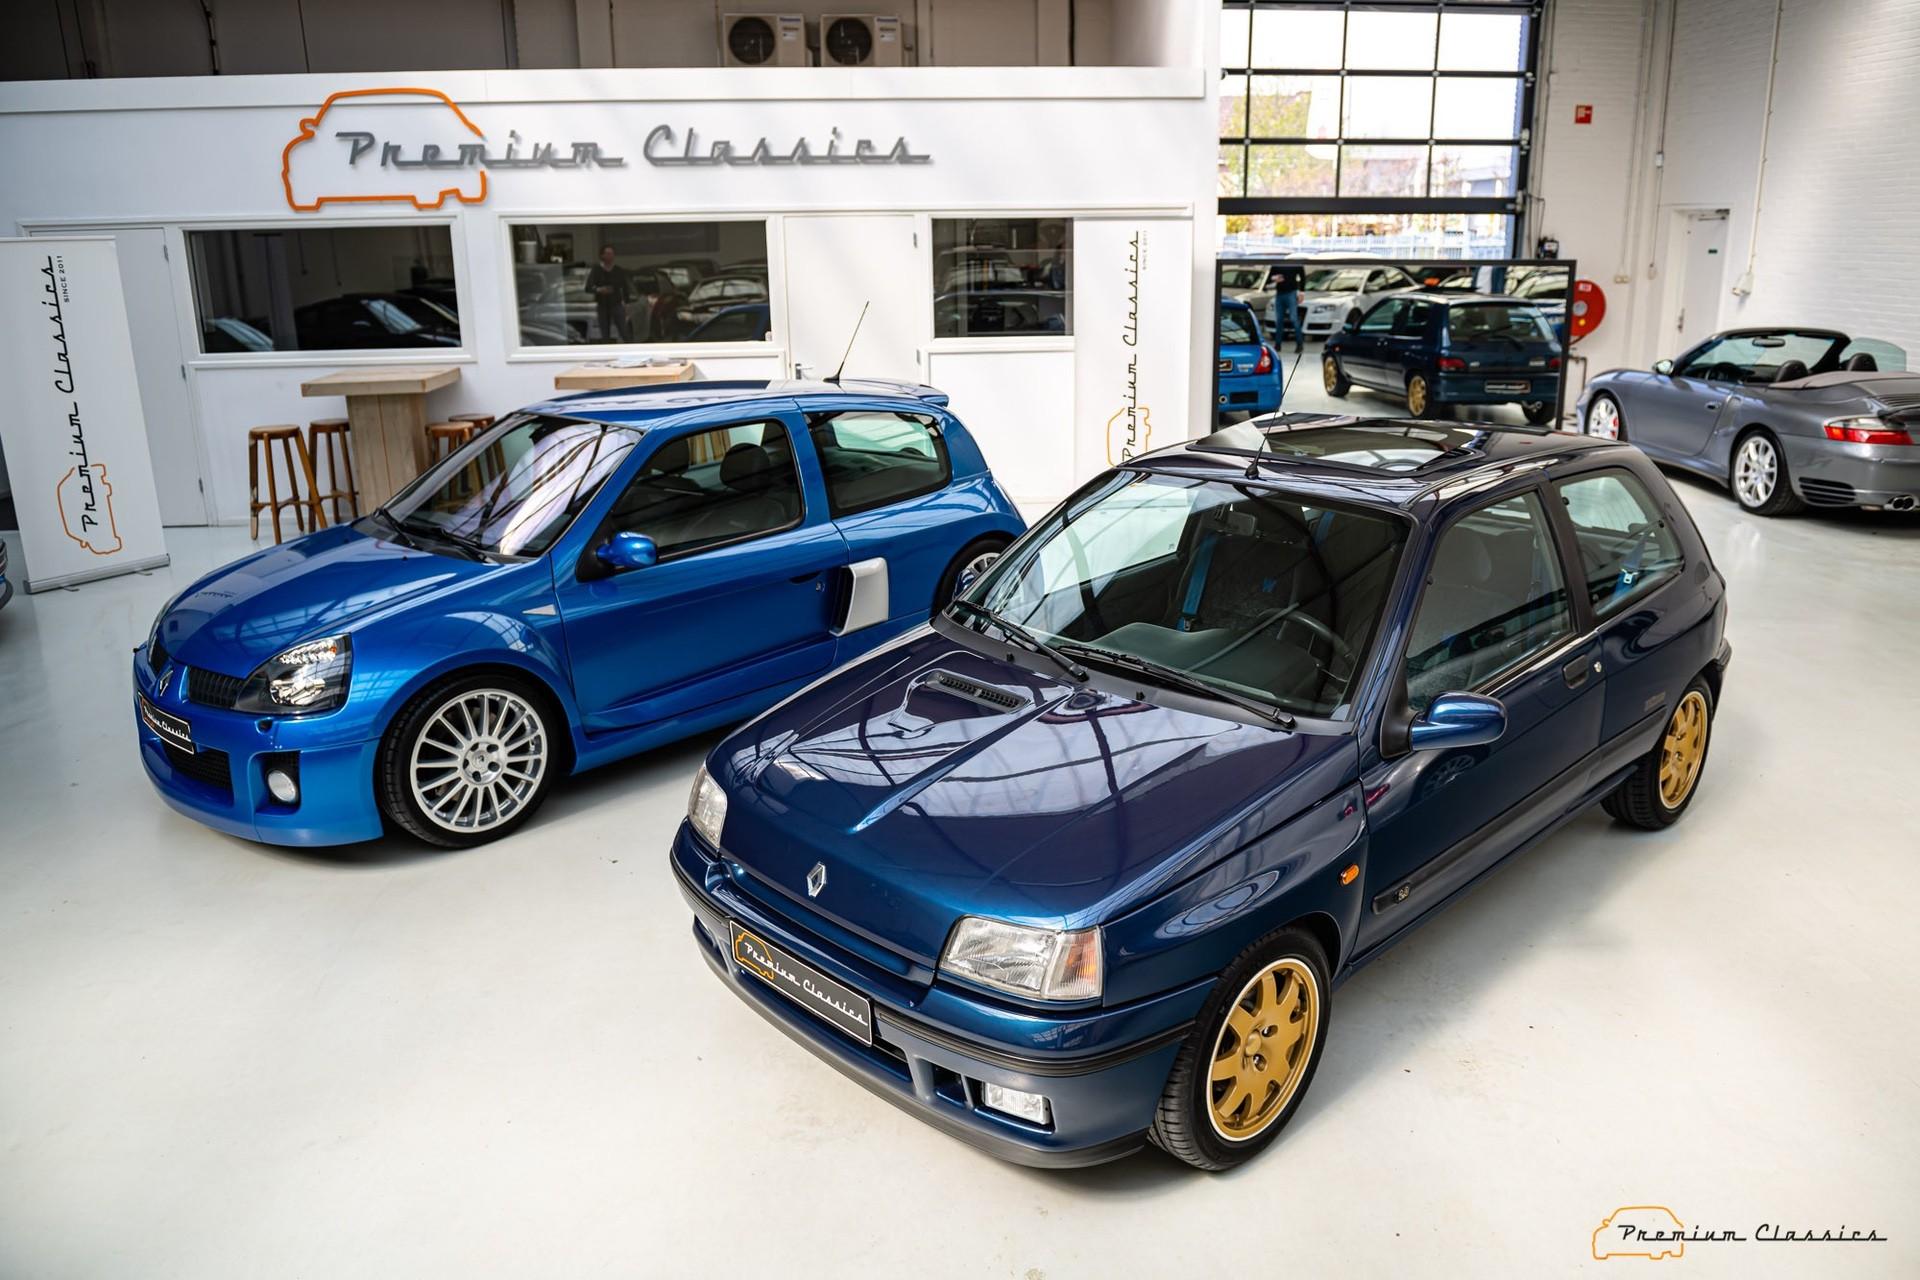 Renault_Clio_Williams_sale-0071